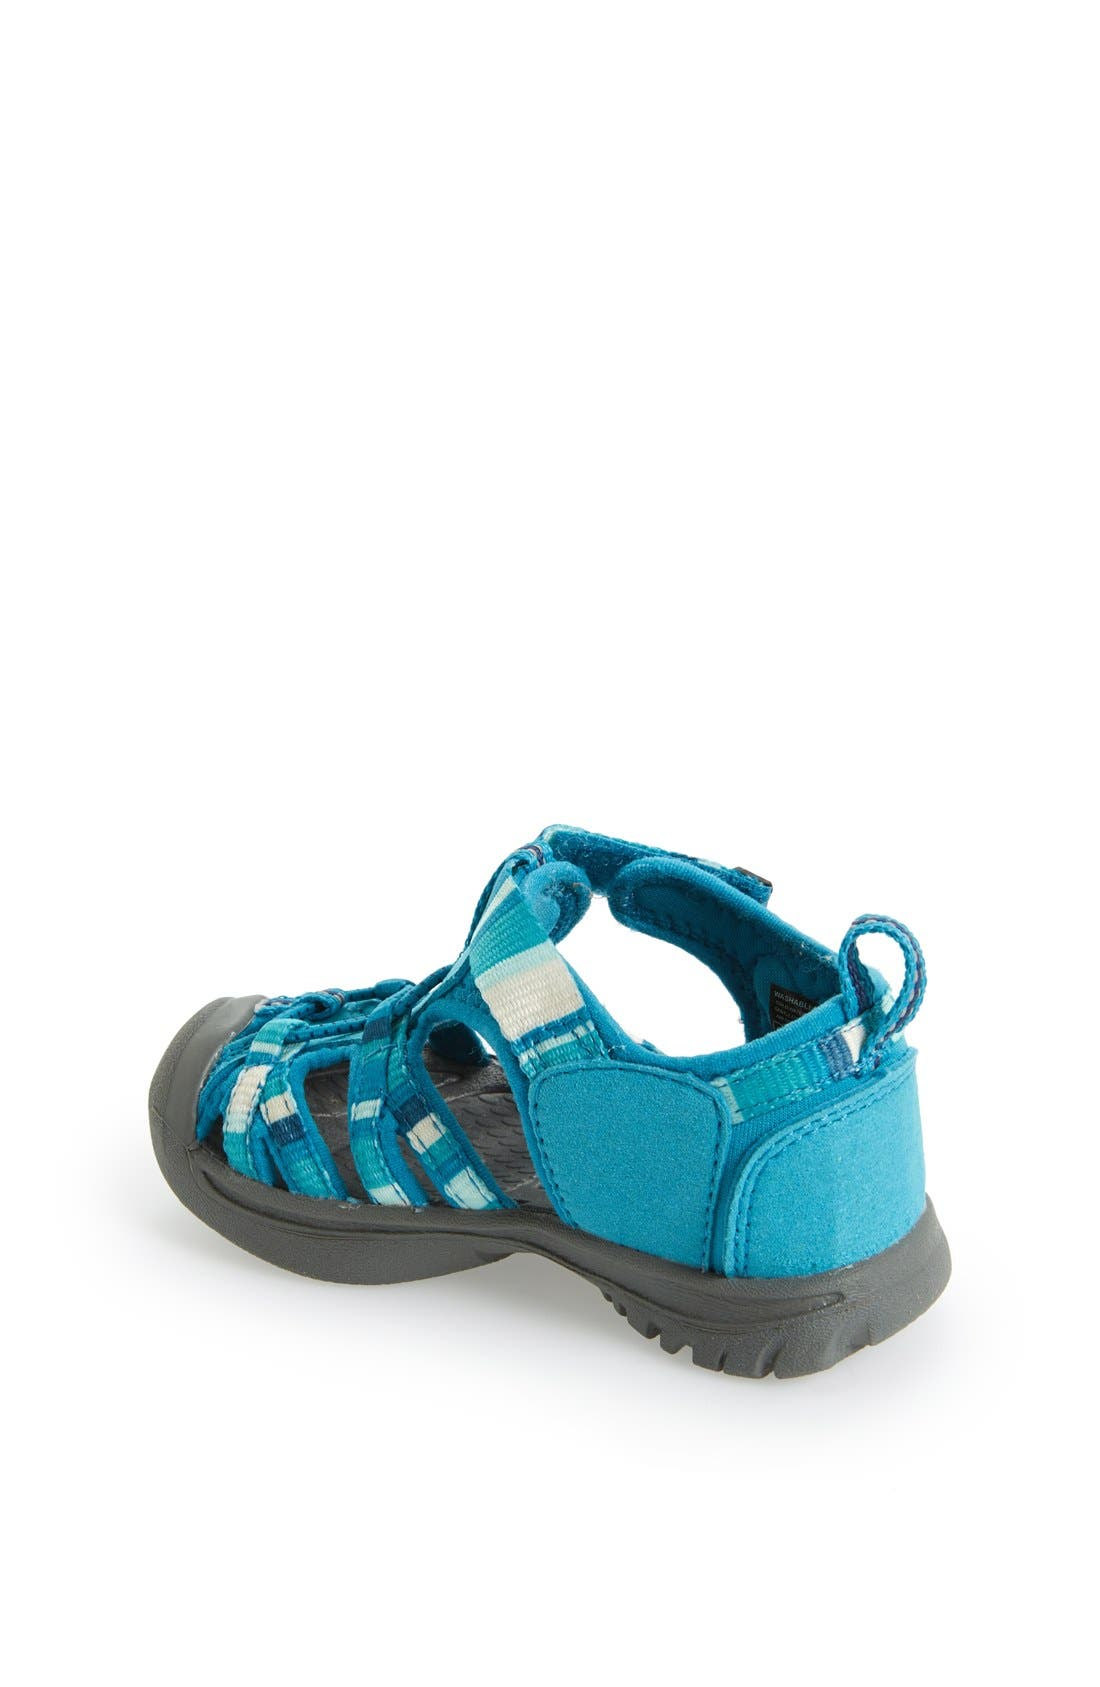 Alternate Image 2  - Keen 'Whisper' Sandal (Baby & Walker)